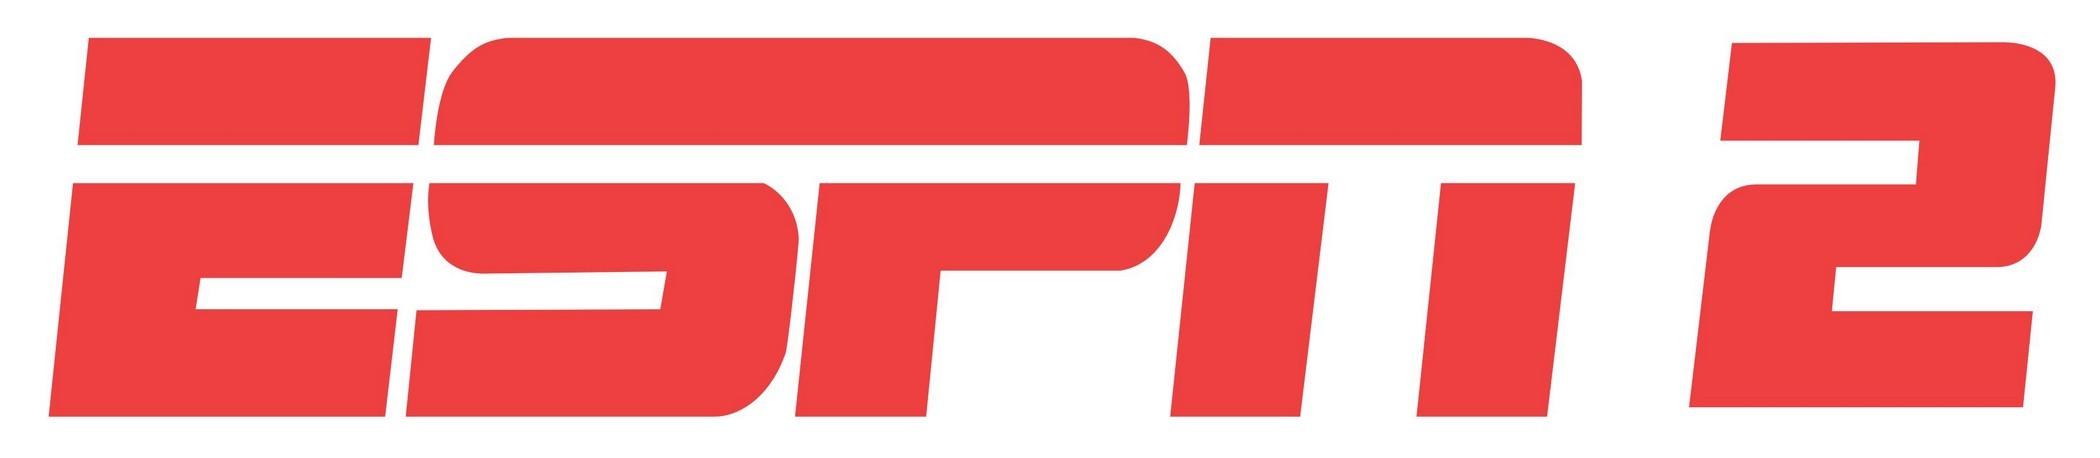 ESPN2_tv_logo